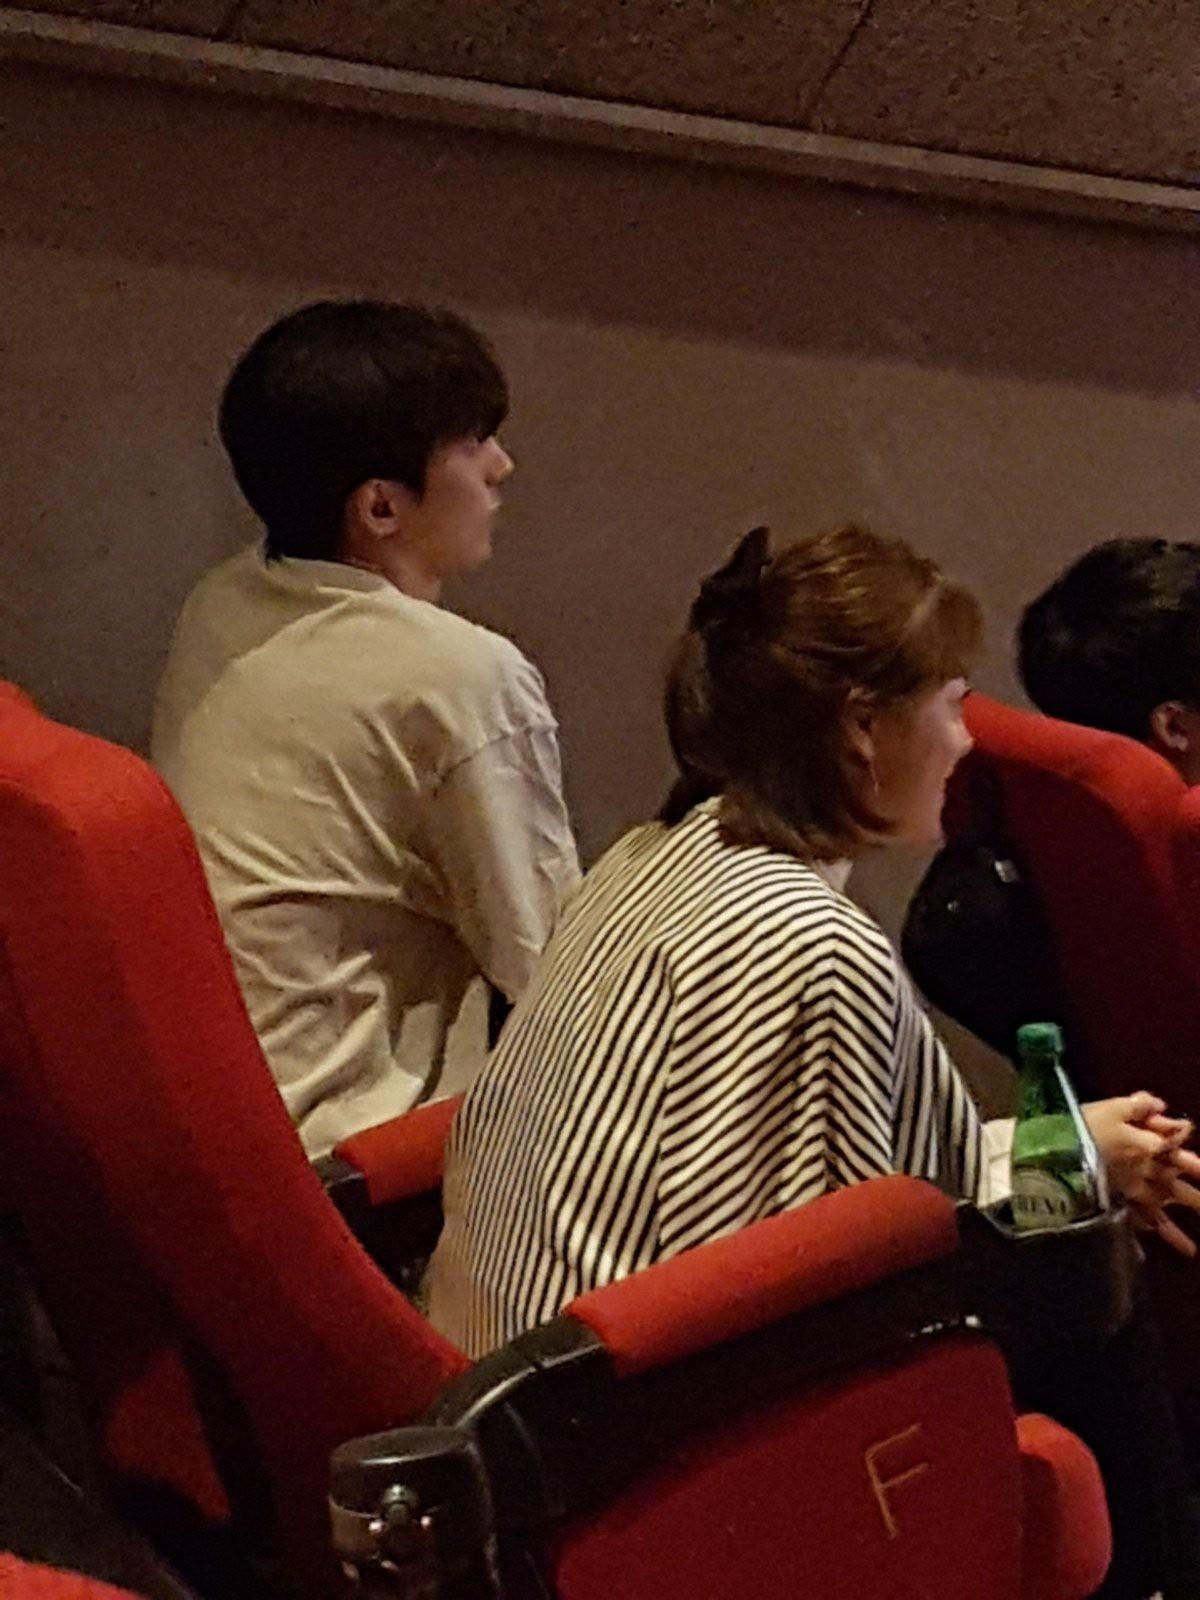 Ảnh Nam Joo Hyuk cùng chị đẹp đi xem phim ngập tràn MXH, nhưng bị gọi tên nhiều nhất lại là 2 nhân vật này! - Ảnh 4.